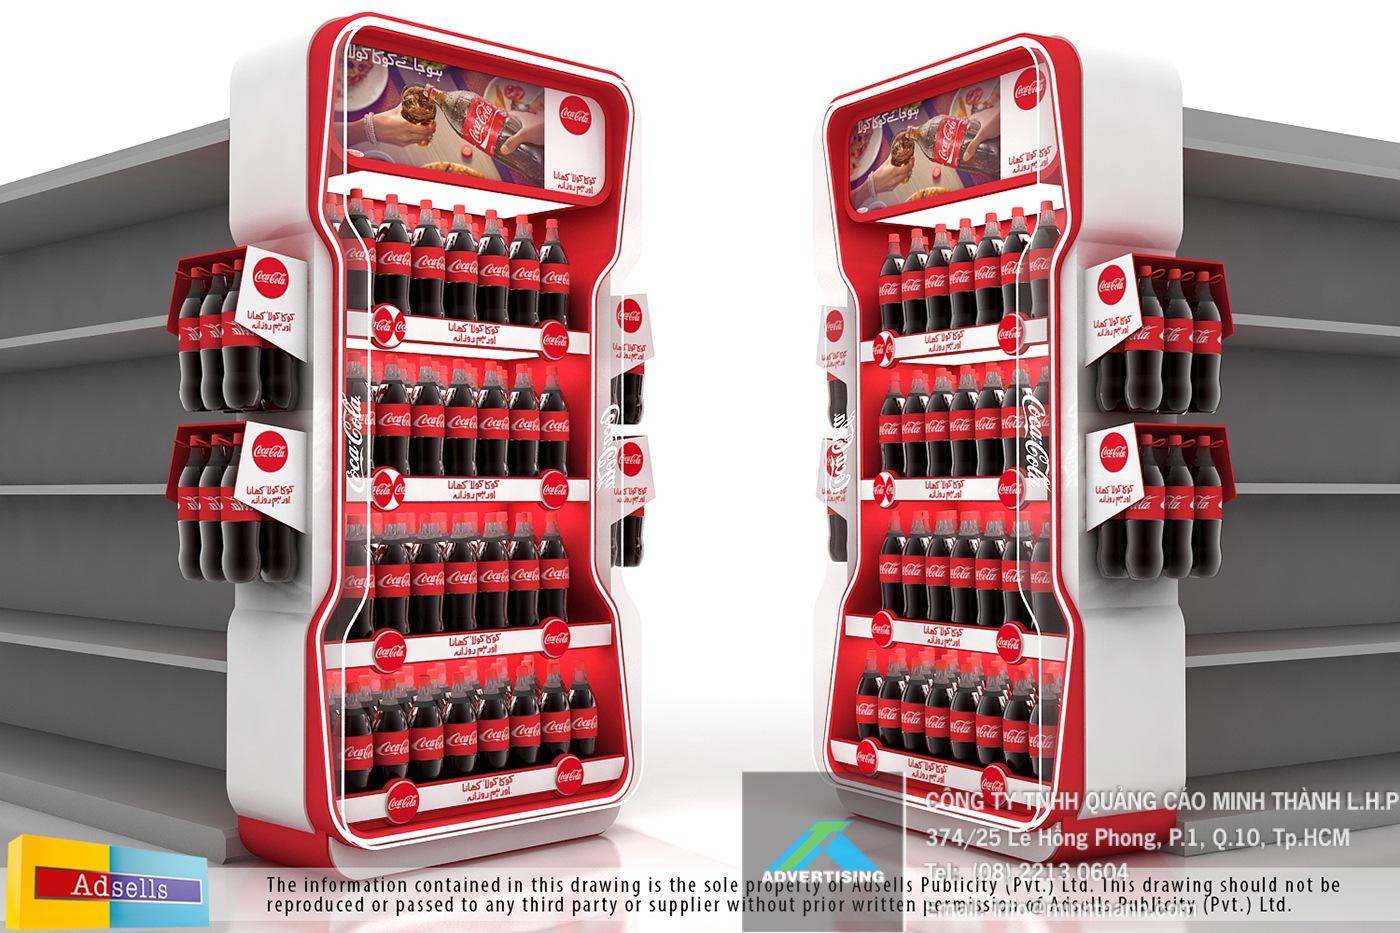 Mẫu kệ trưng bày sản phẩm Coke (phần 1)